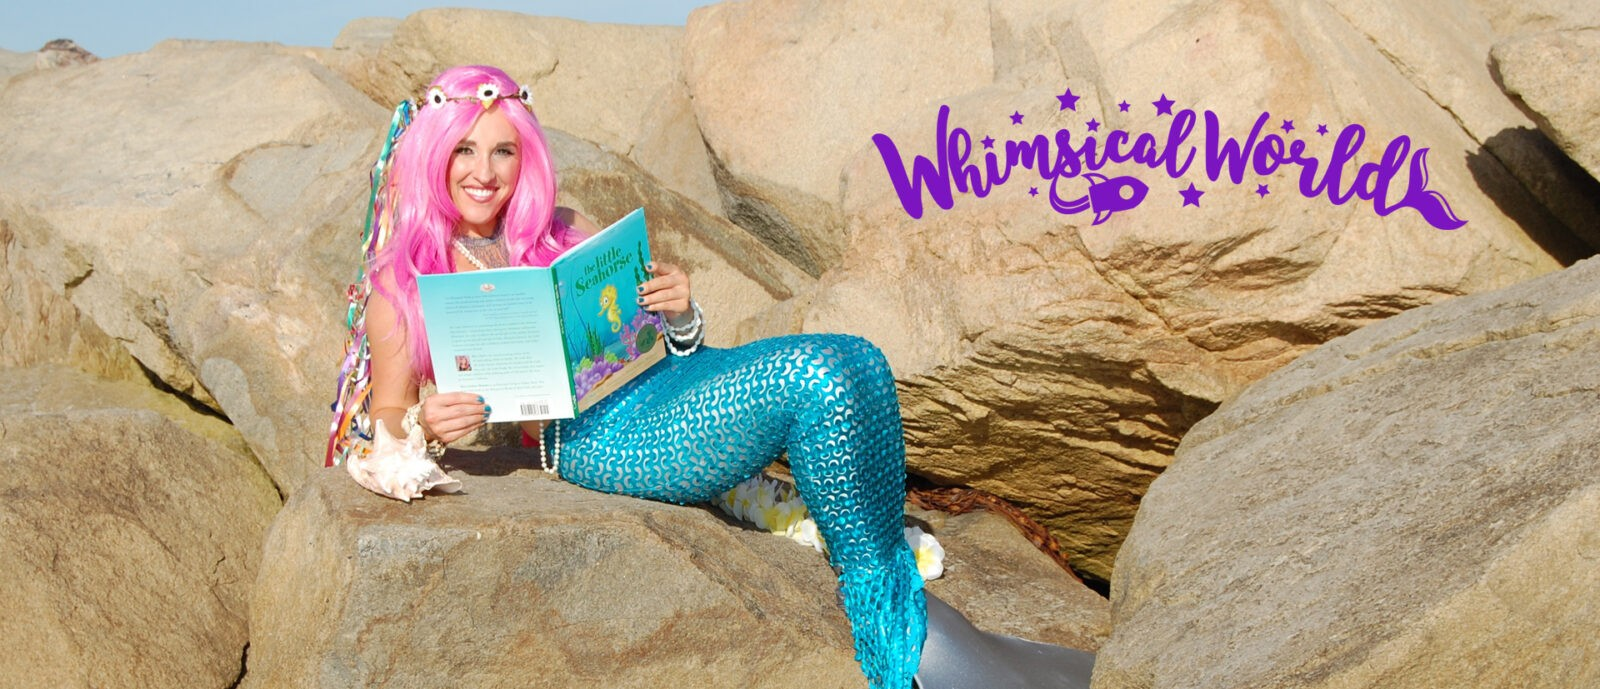 Whimsical World Mermaid Sheri Fink